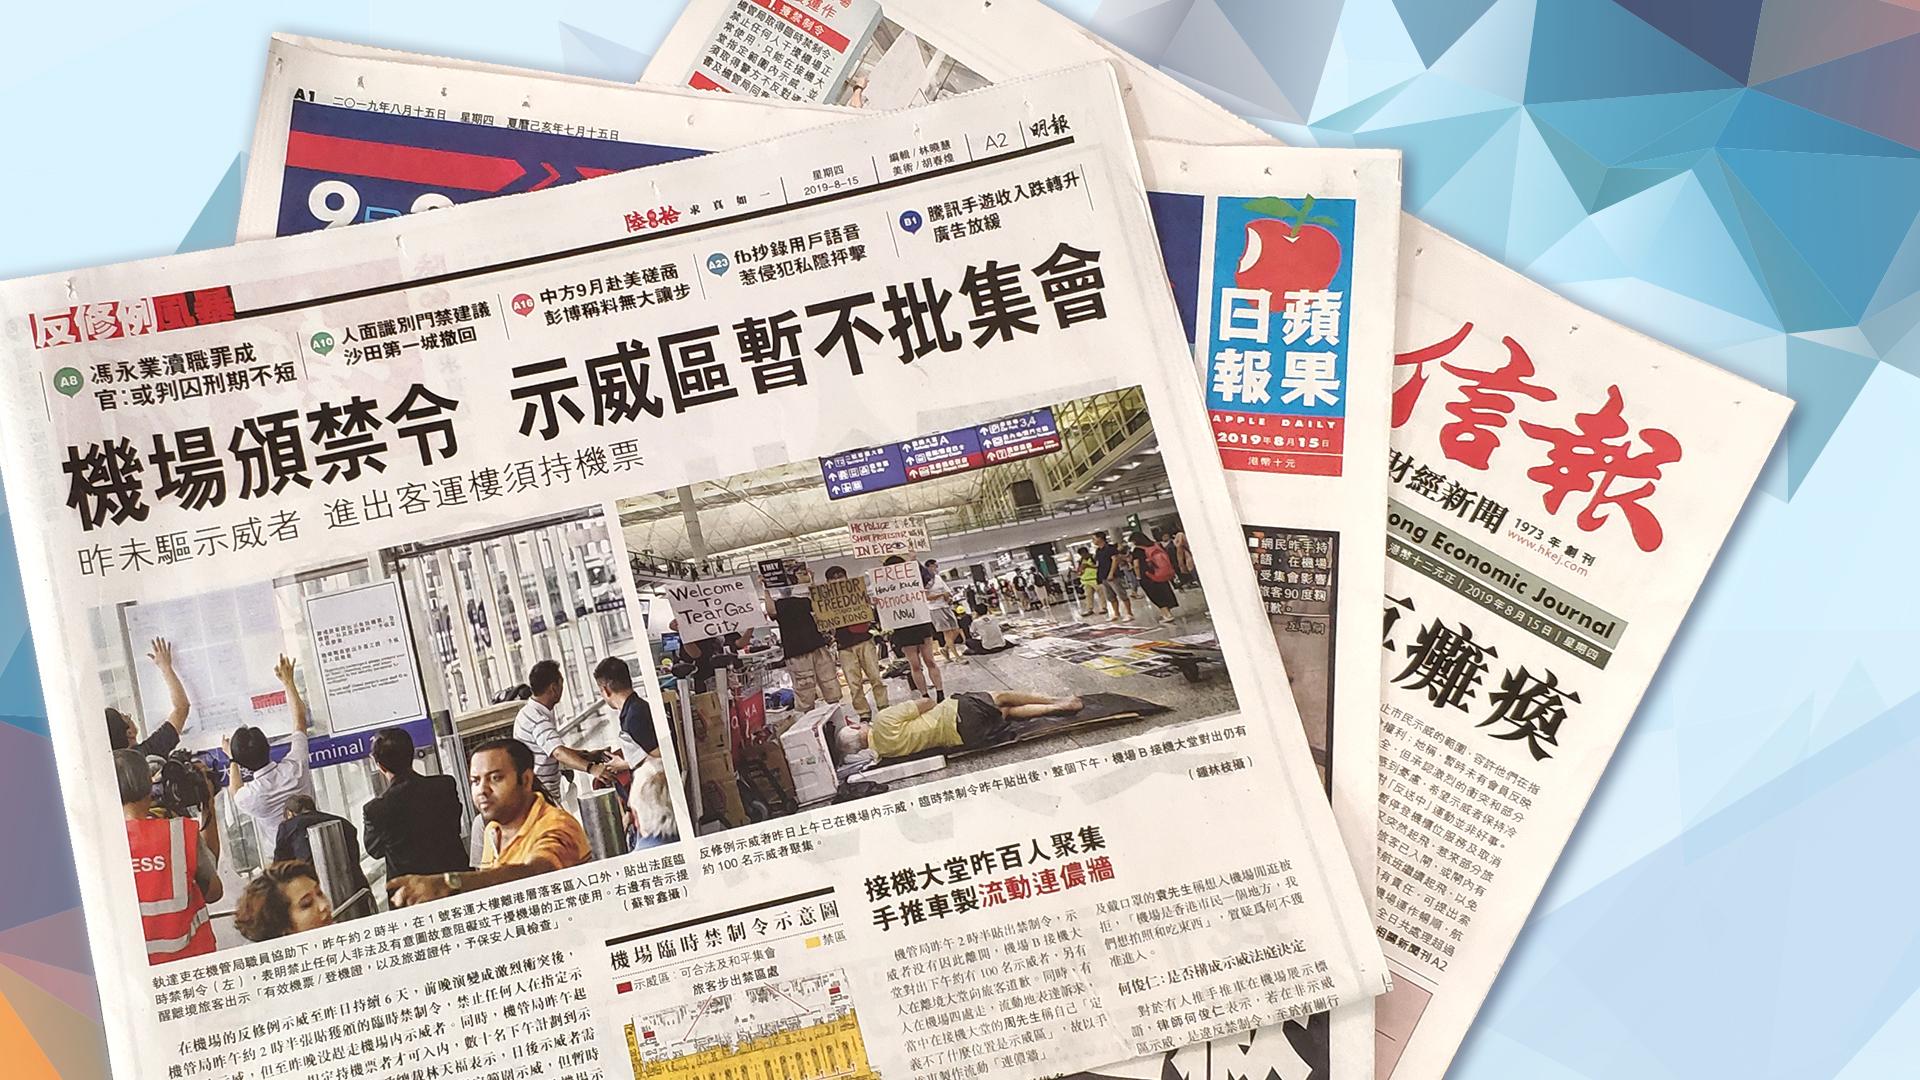 【報章A1速覽】機場頒禁令 示威區暫不批集會:抗爭者向旅客道歉